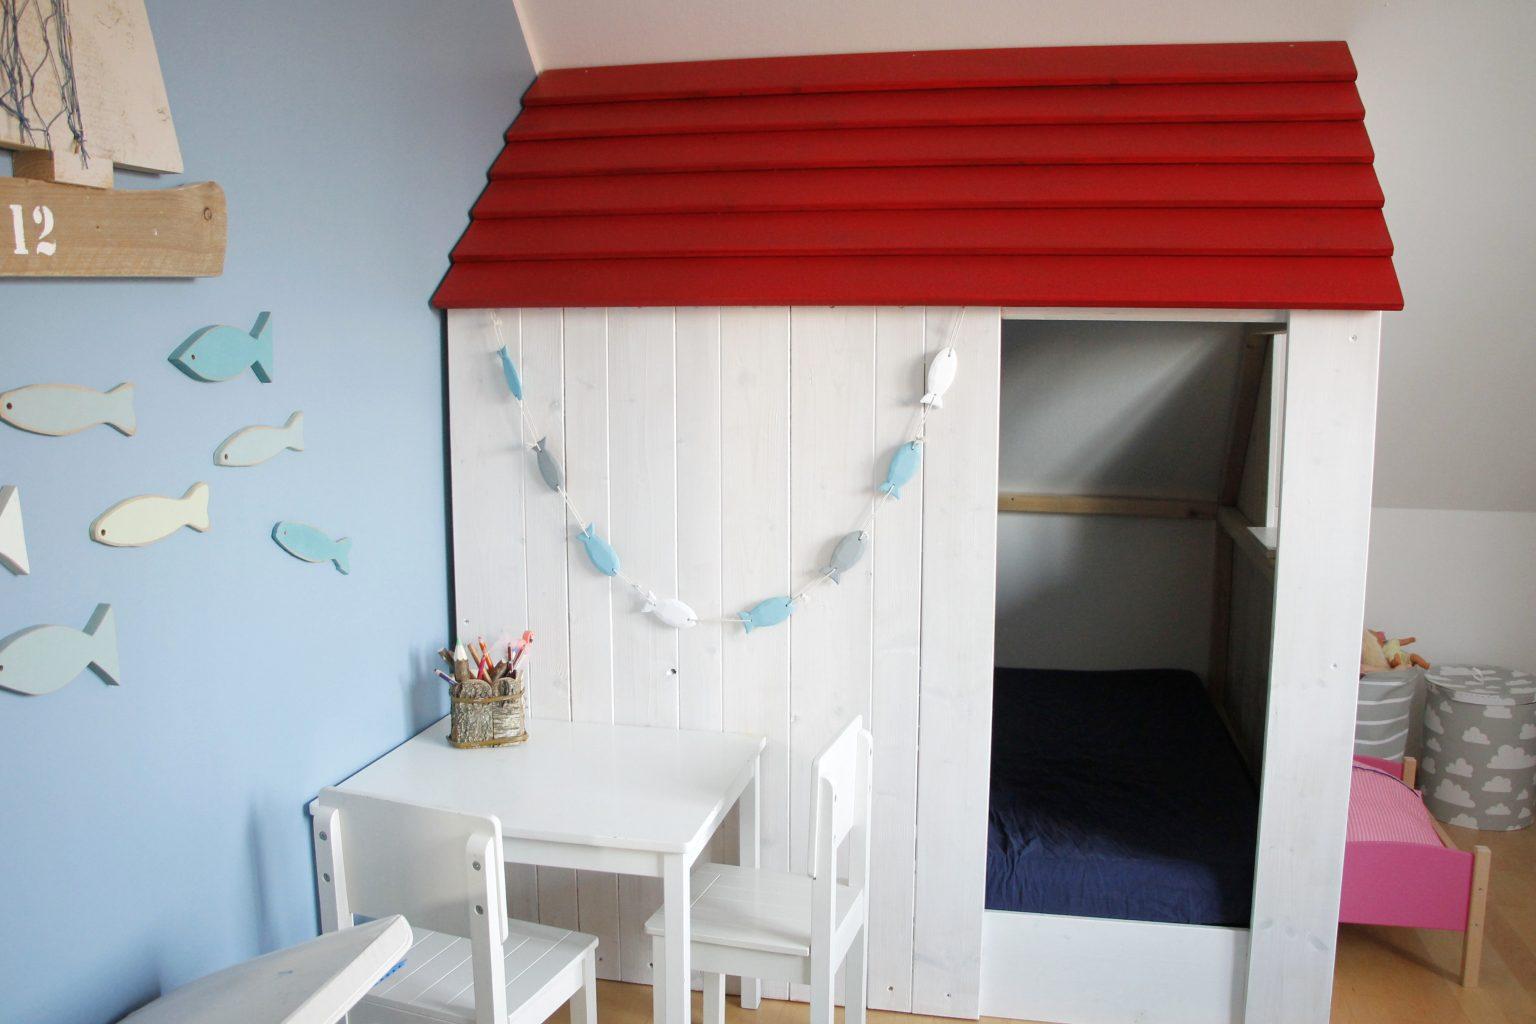 kinderzimmer-spielhaus selber bauen: holz-projekt für anfänger und